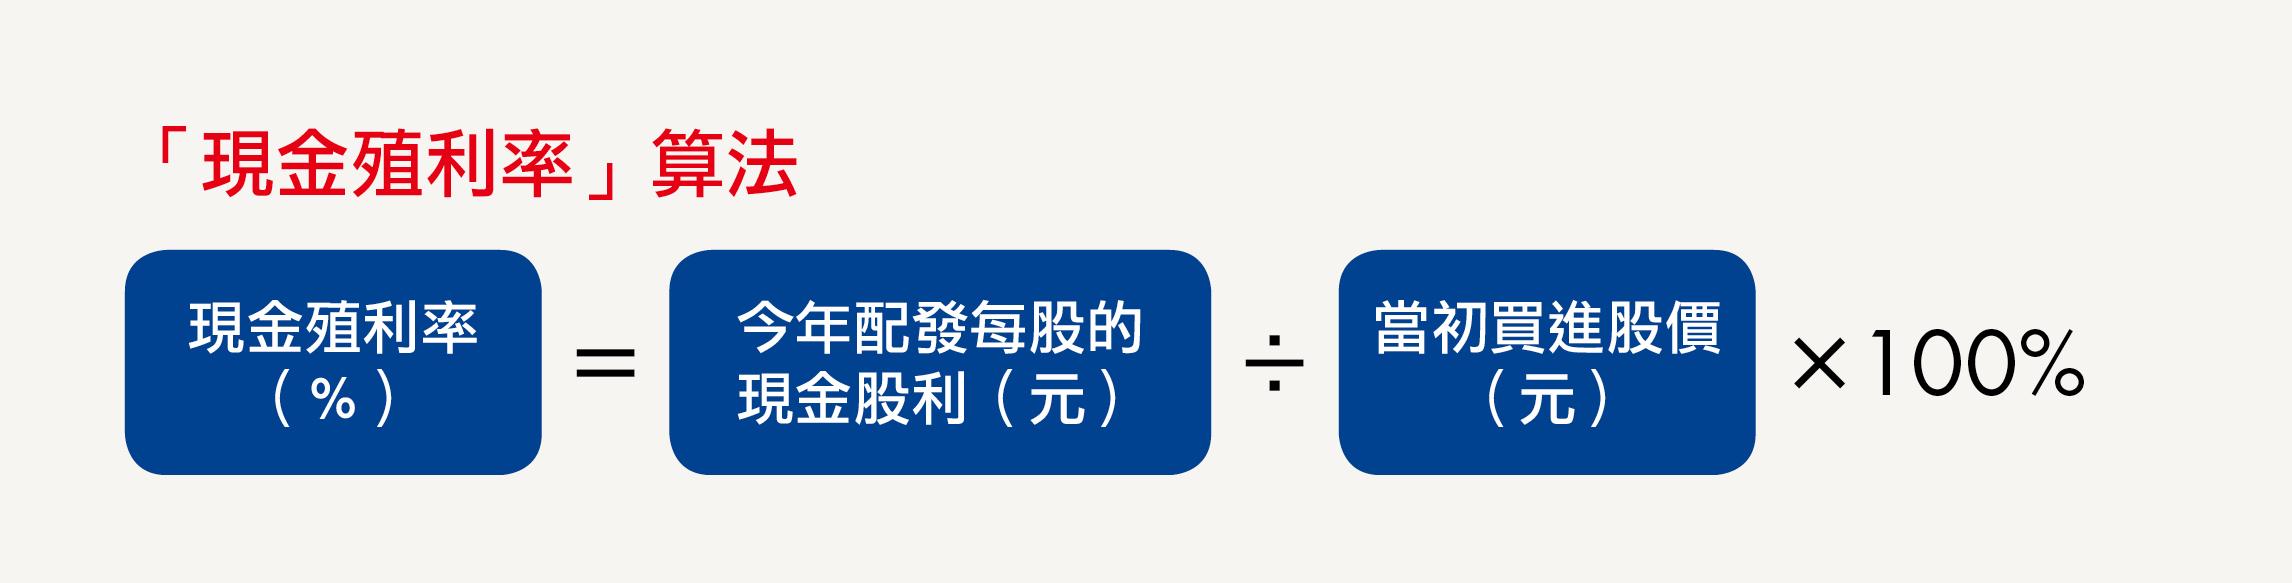 殖利率不等於報酬率 @ 上班族財富自由分享網 :: 痞客邦